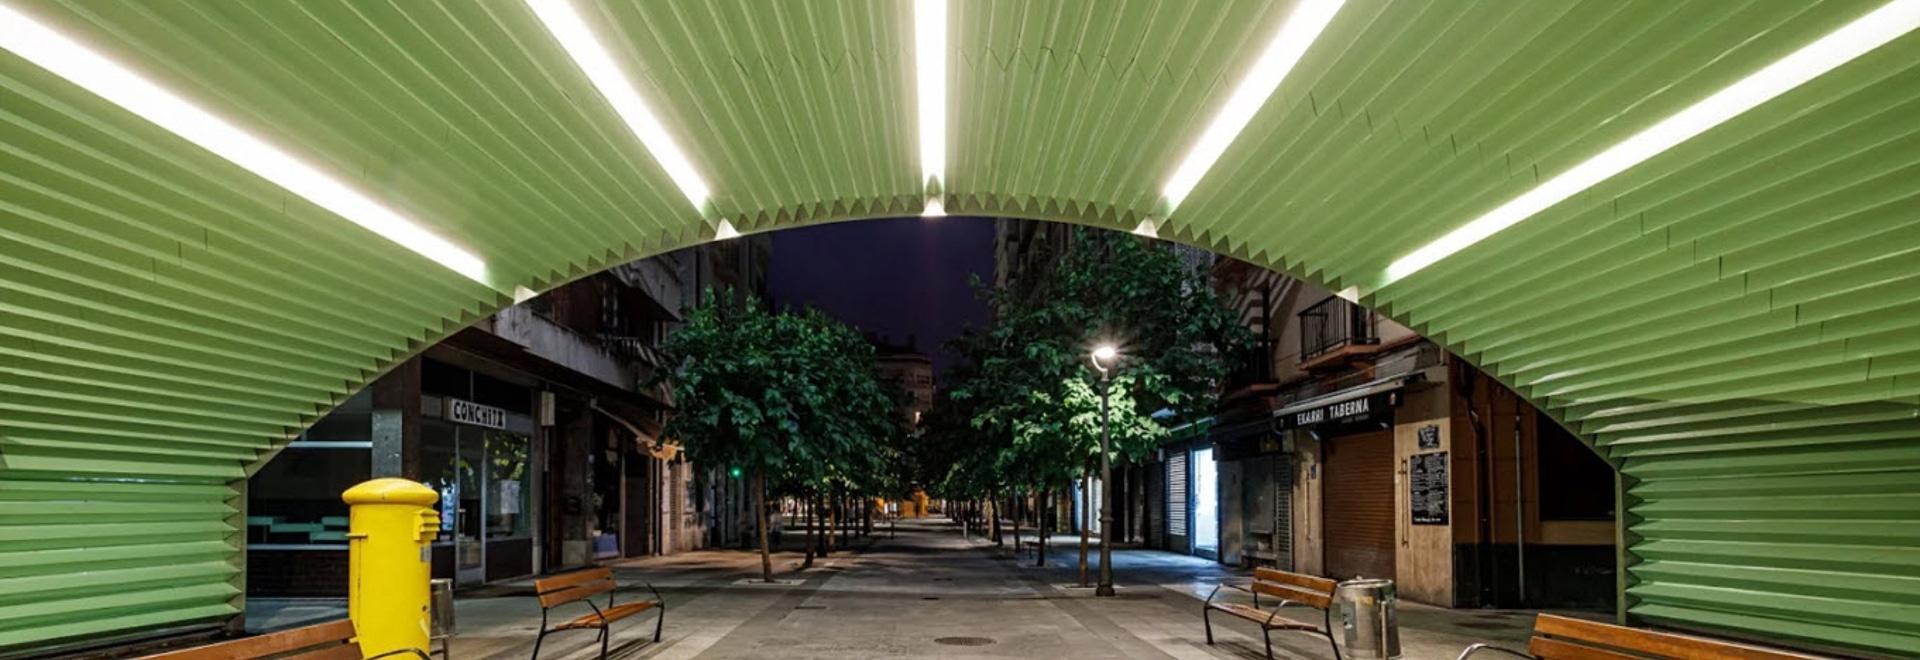 VAUMM remet en état des arcs de chemin de fer avec des carreaux de couleur vert menthe en Espagne